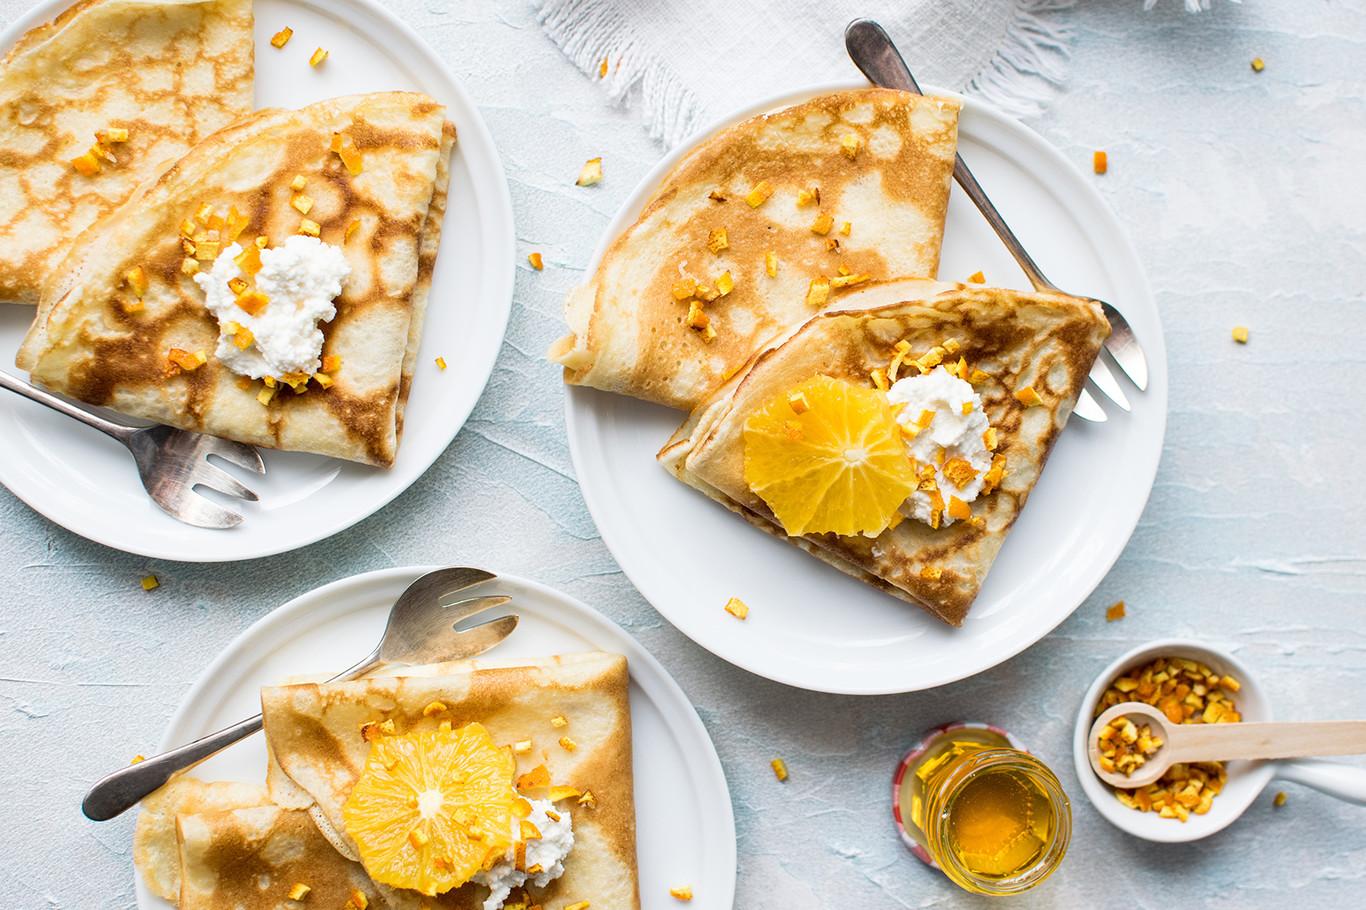 7 Recetas De Desayunos Saludables Y 9 Utensilios Para Prepararlos Más Fácil